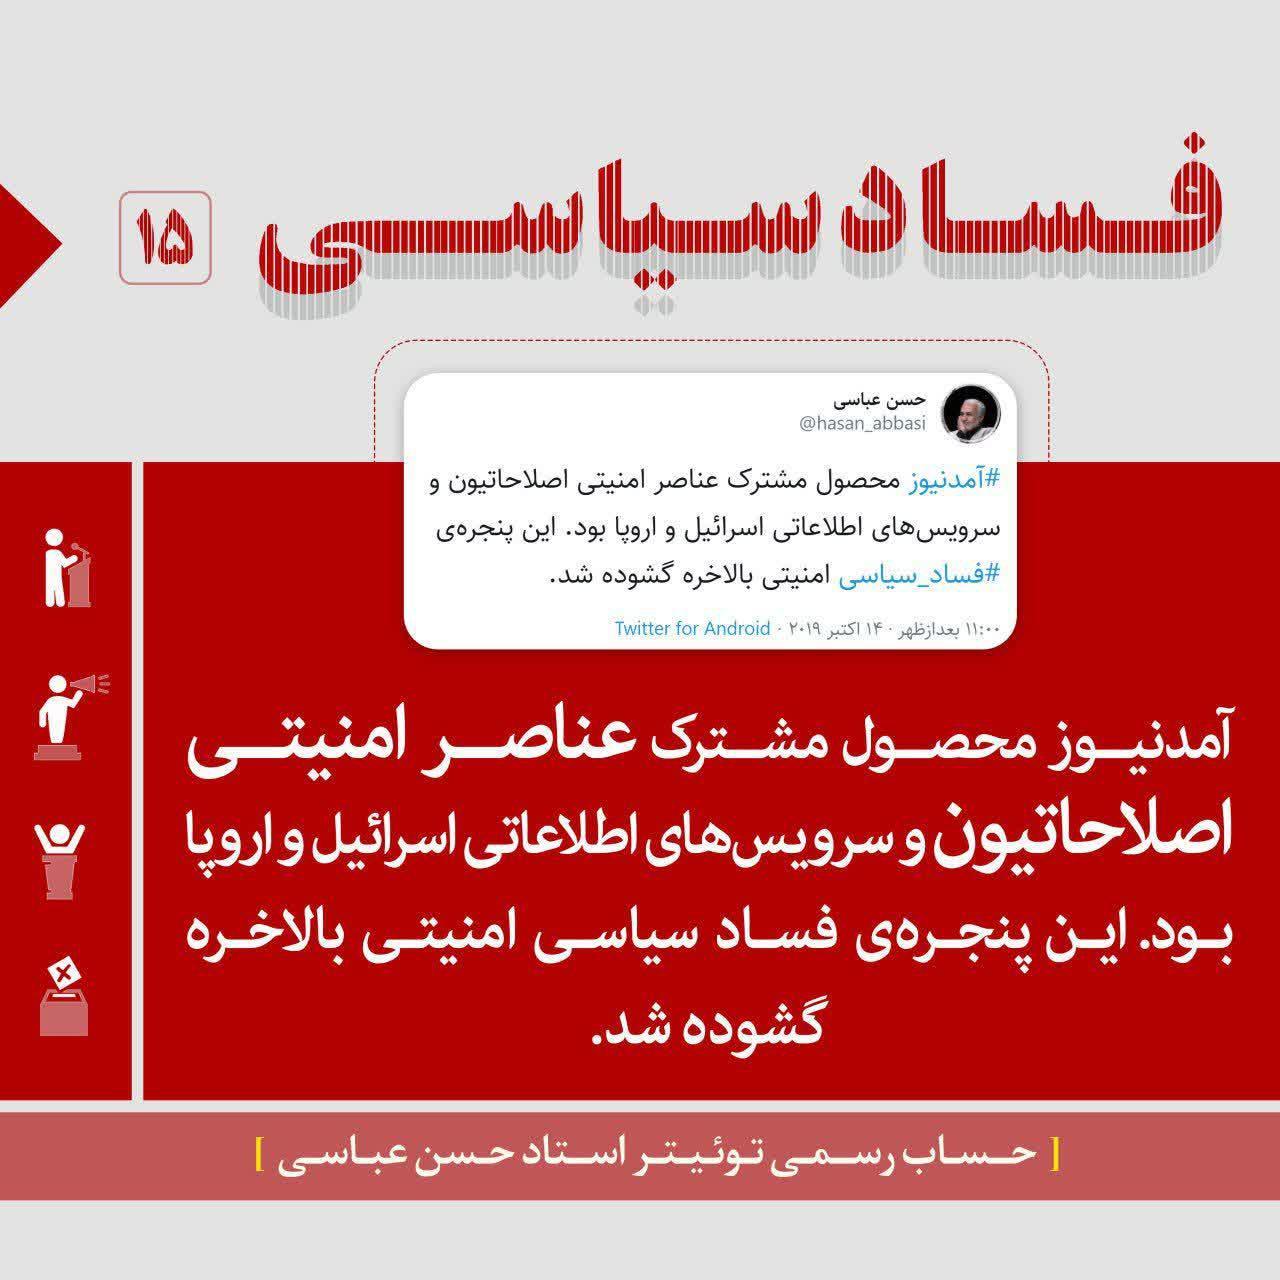 http://dl-abbasi.ir/yekta/1398/Graphic/F_S/Fesad%20Siyasi%20(15).jpg